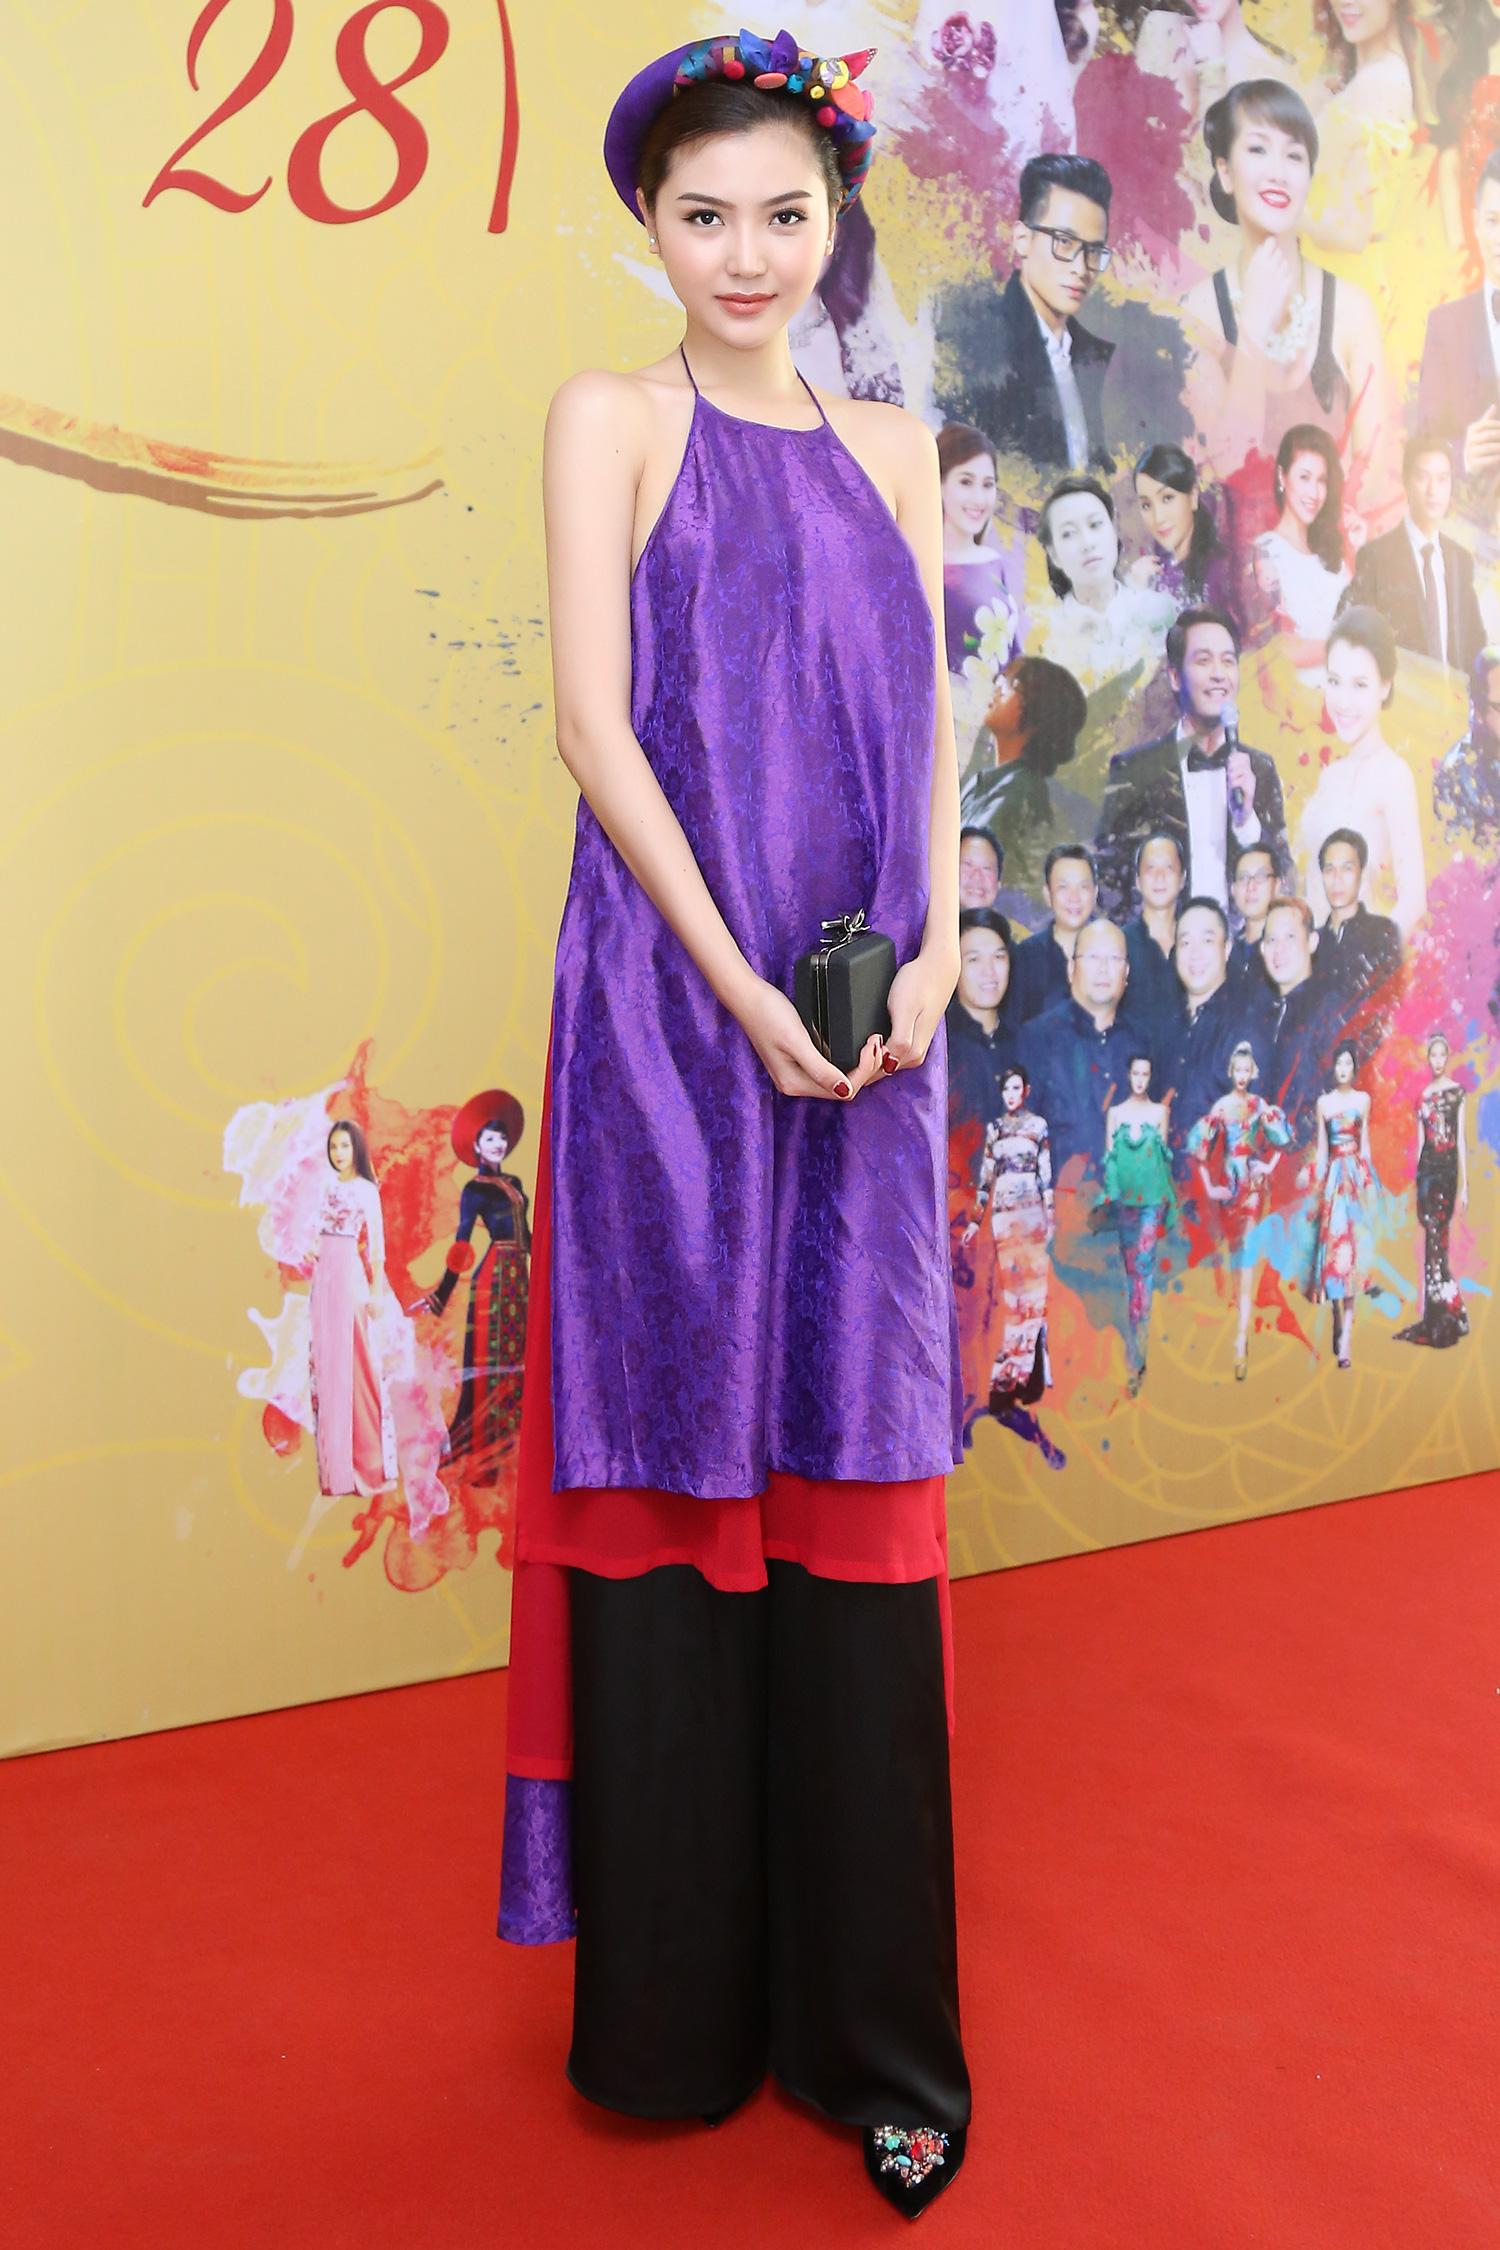 Hoa hậu Ngọc Duyên mặc áo yếm gợi cảm đọ dáng cùng dàn mẫu 2